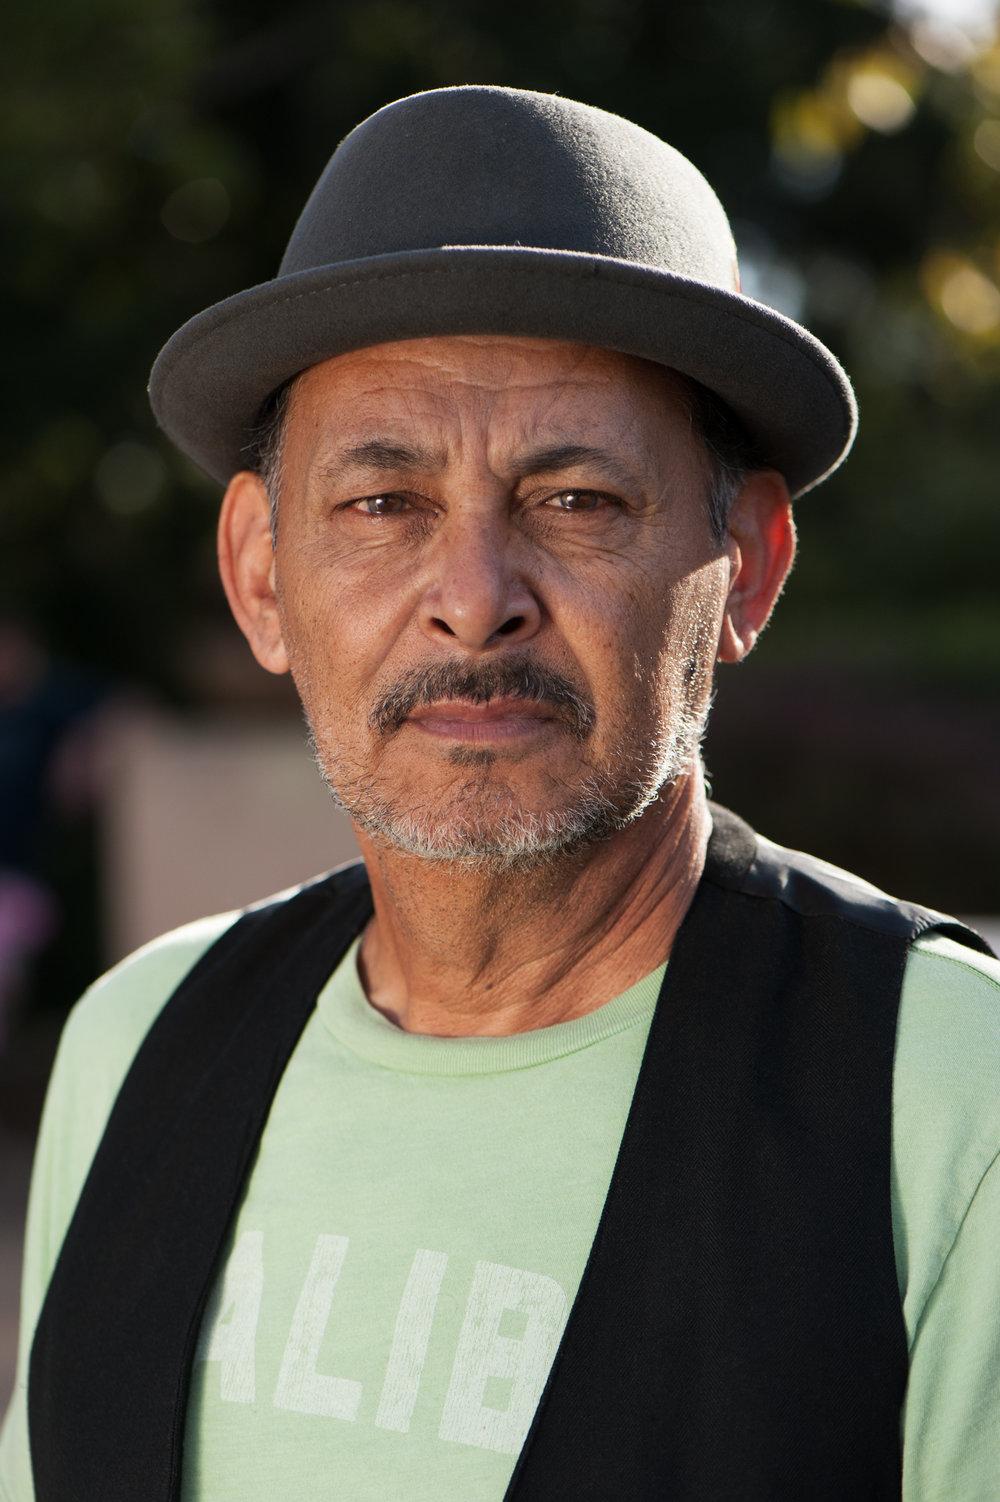 Stranger 41. Ricardo.